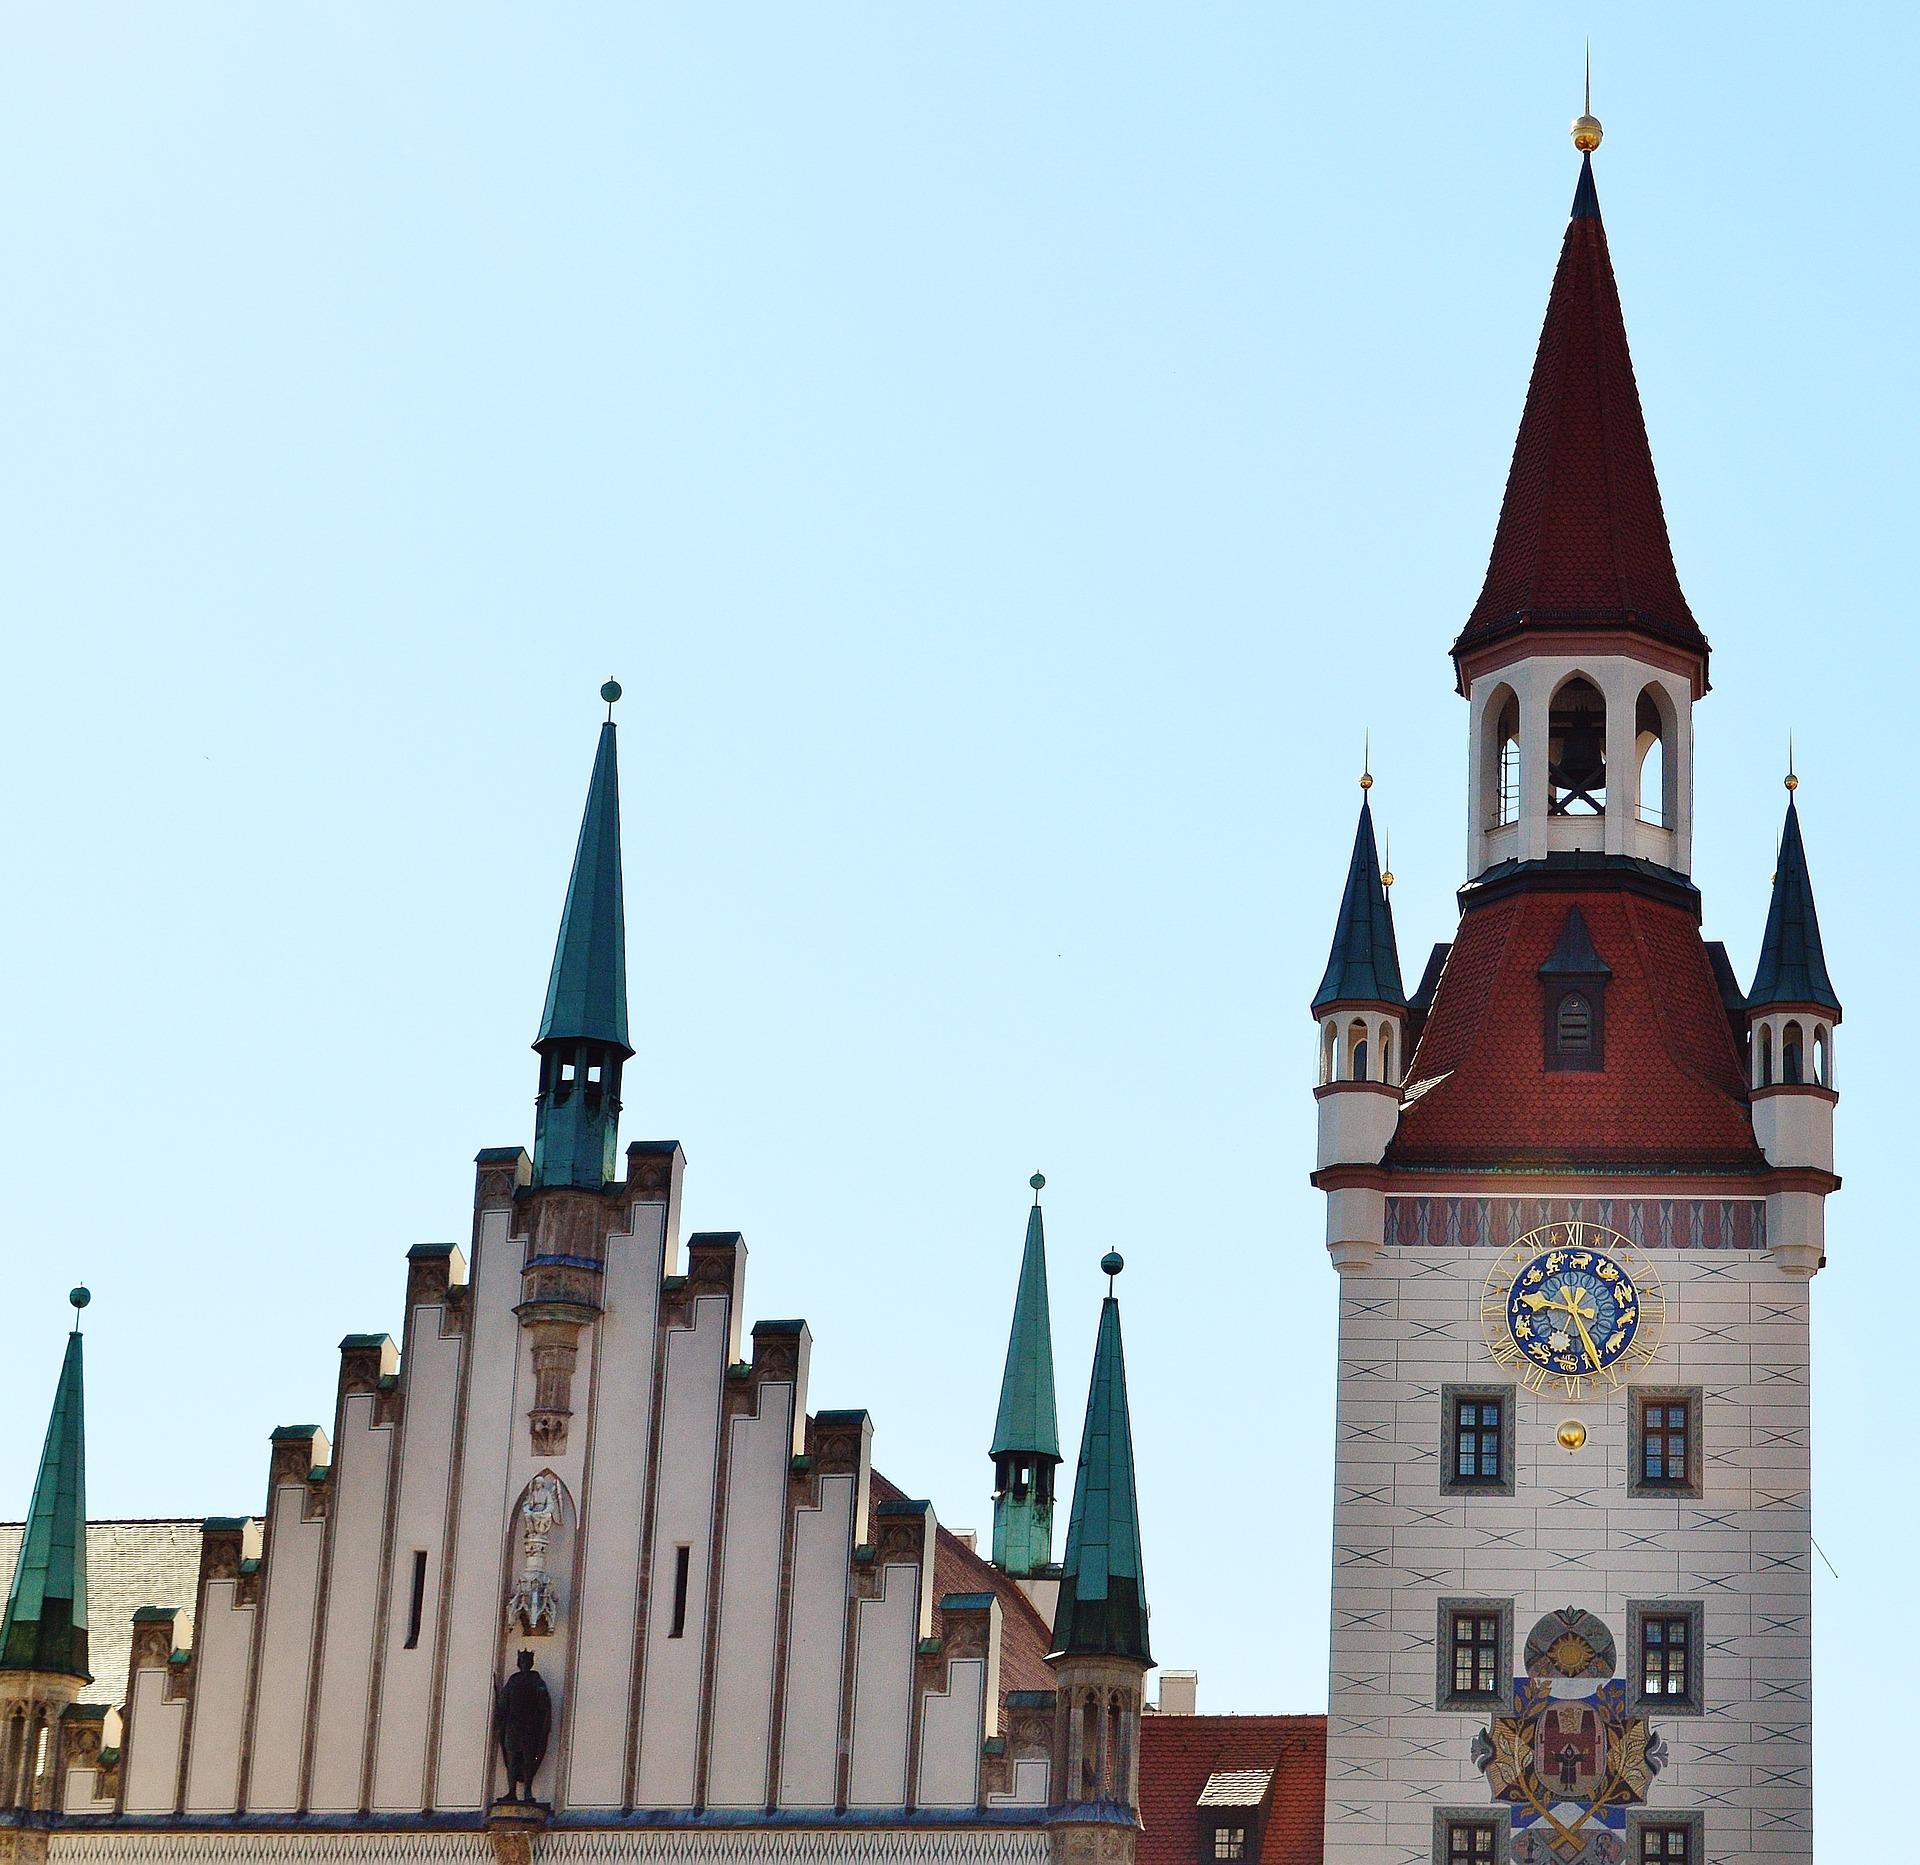 Toy Museum (Spielzeugmuseum im Alten Rathausturm), Munich, Germany